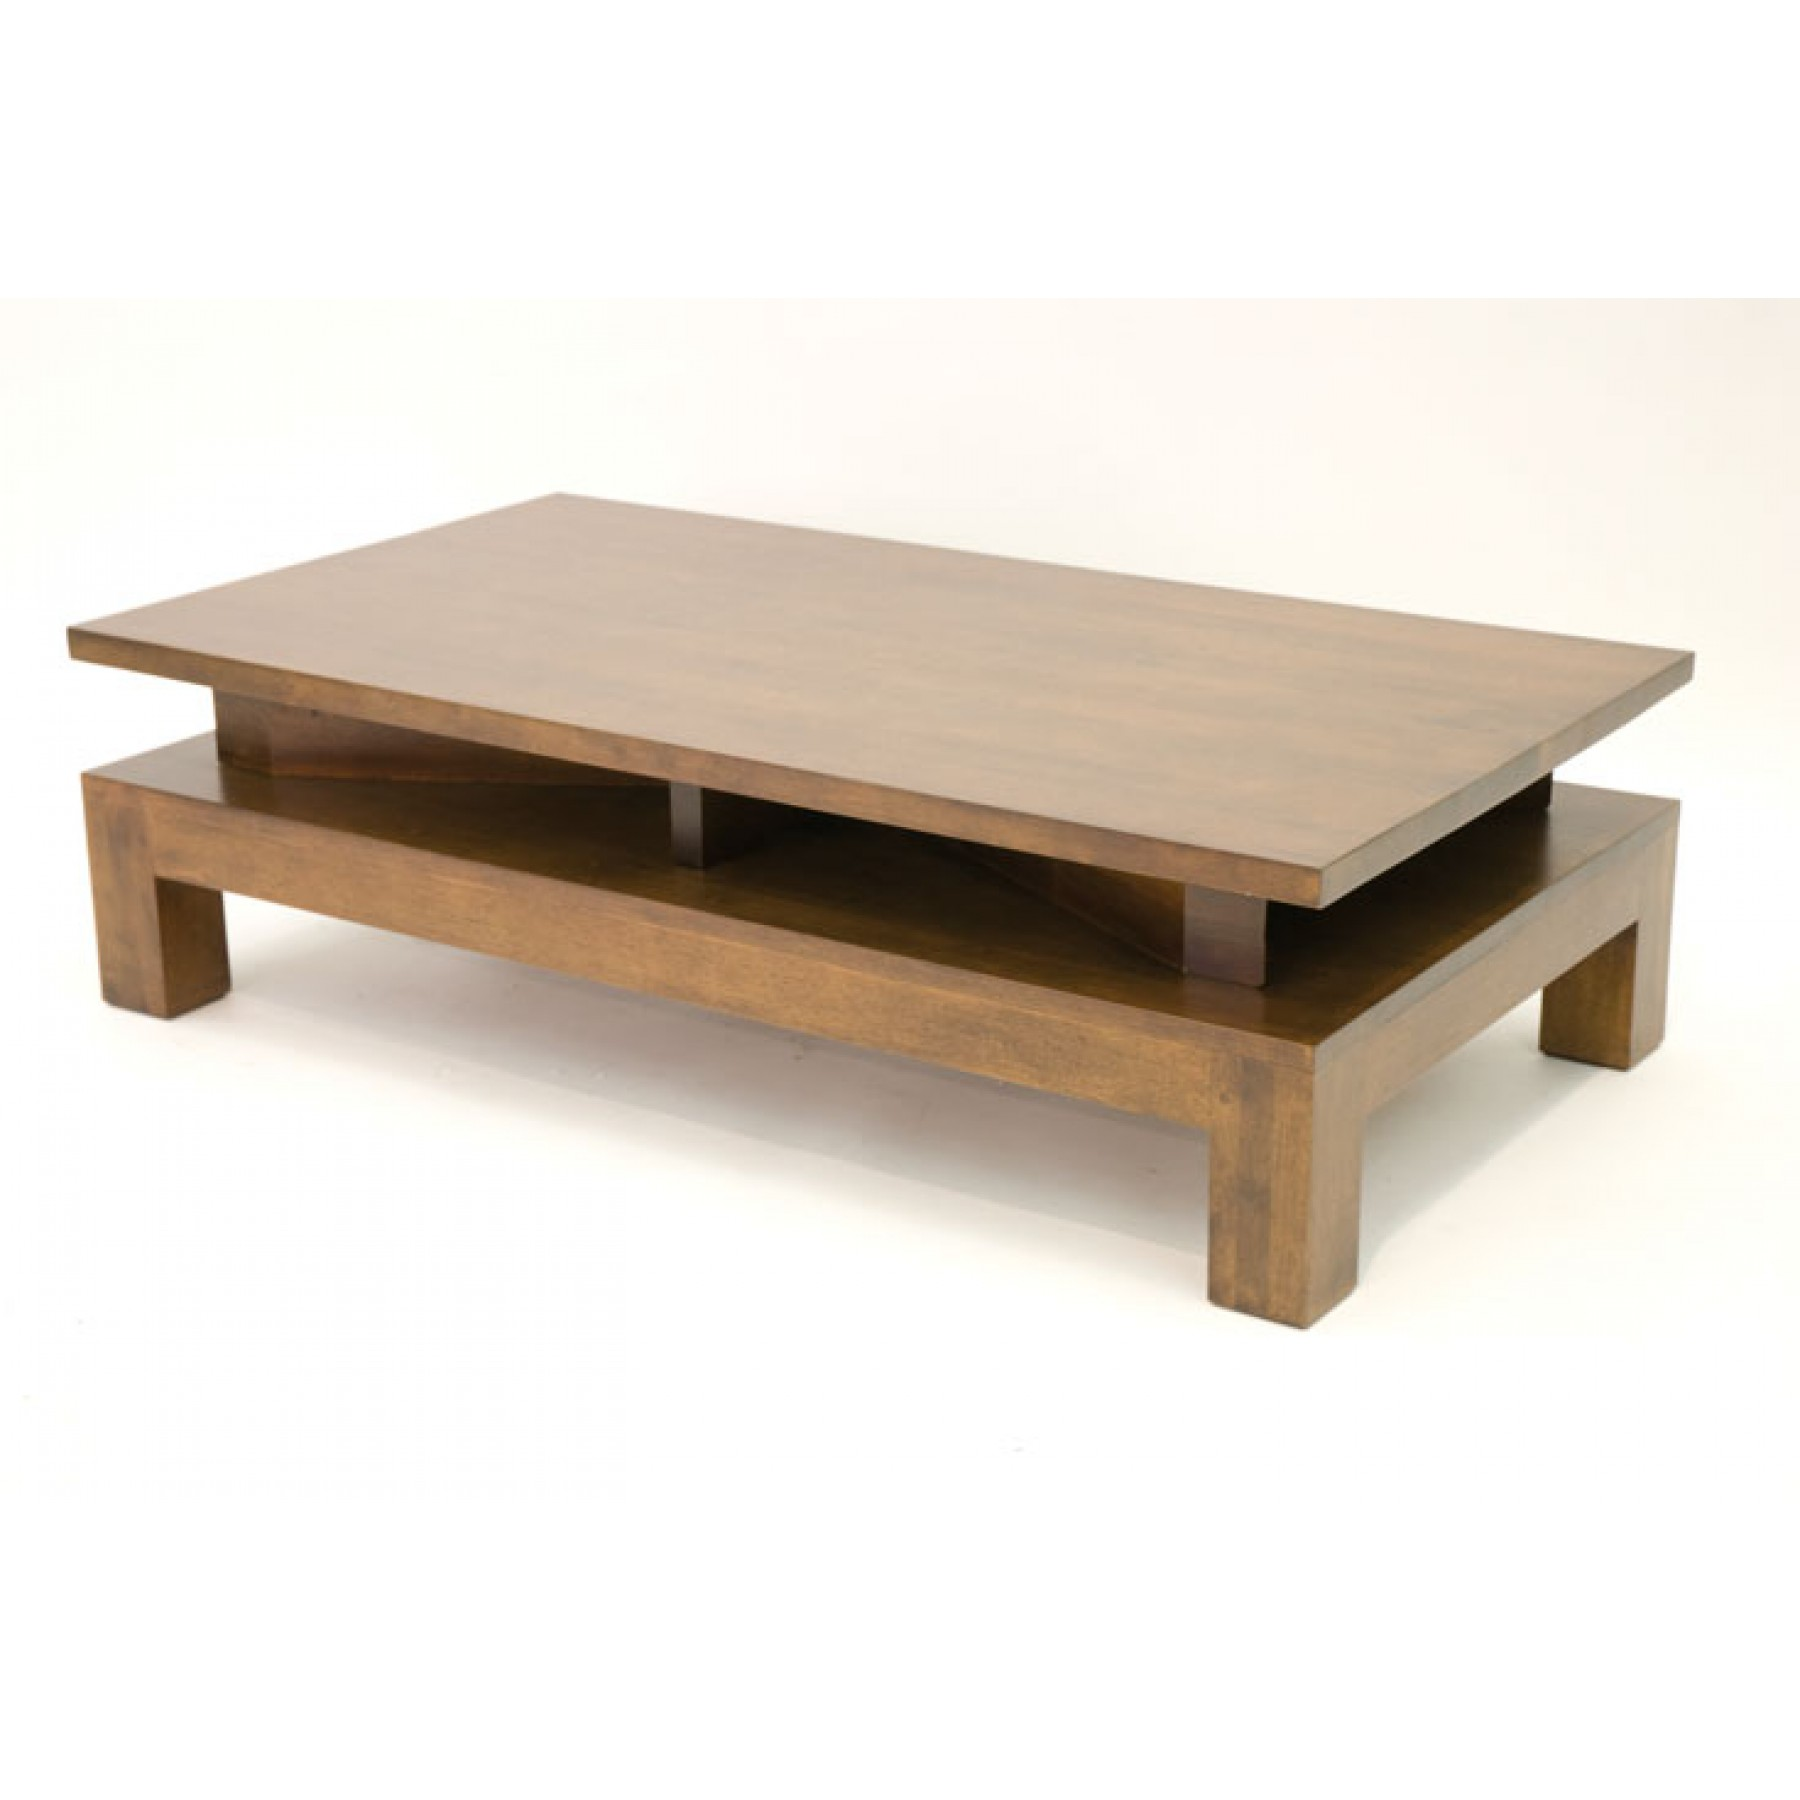 Table basse rectangle Moken